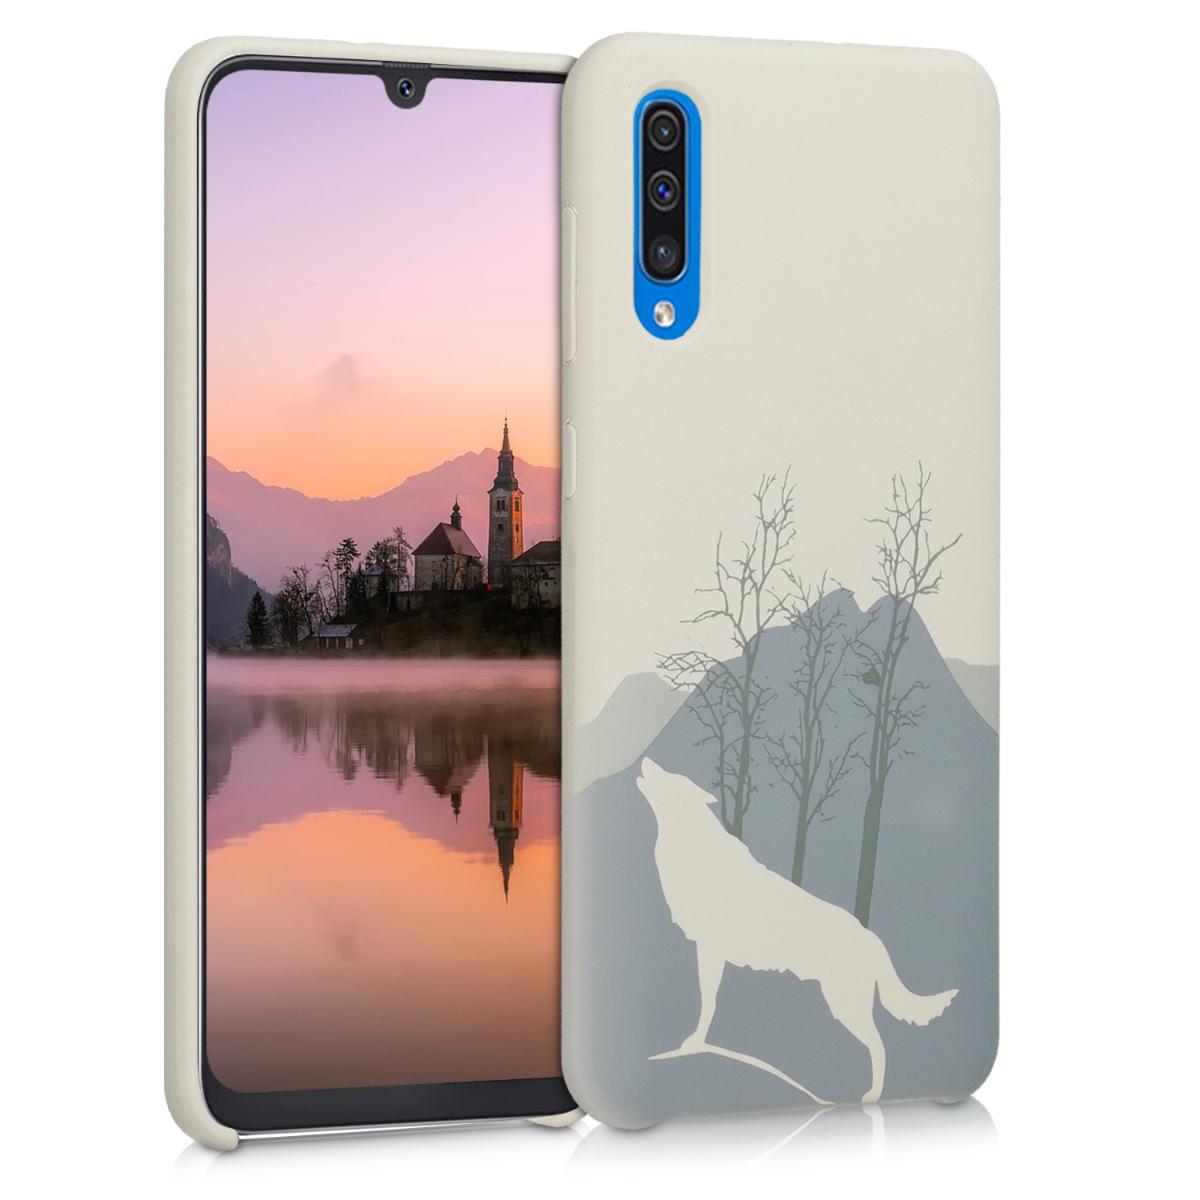 KW Θήκη Σιλικόνης Samsung Galaxy A50 - Engraved Wolf - Light Grey (51125.01)